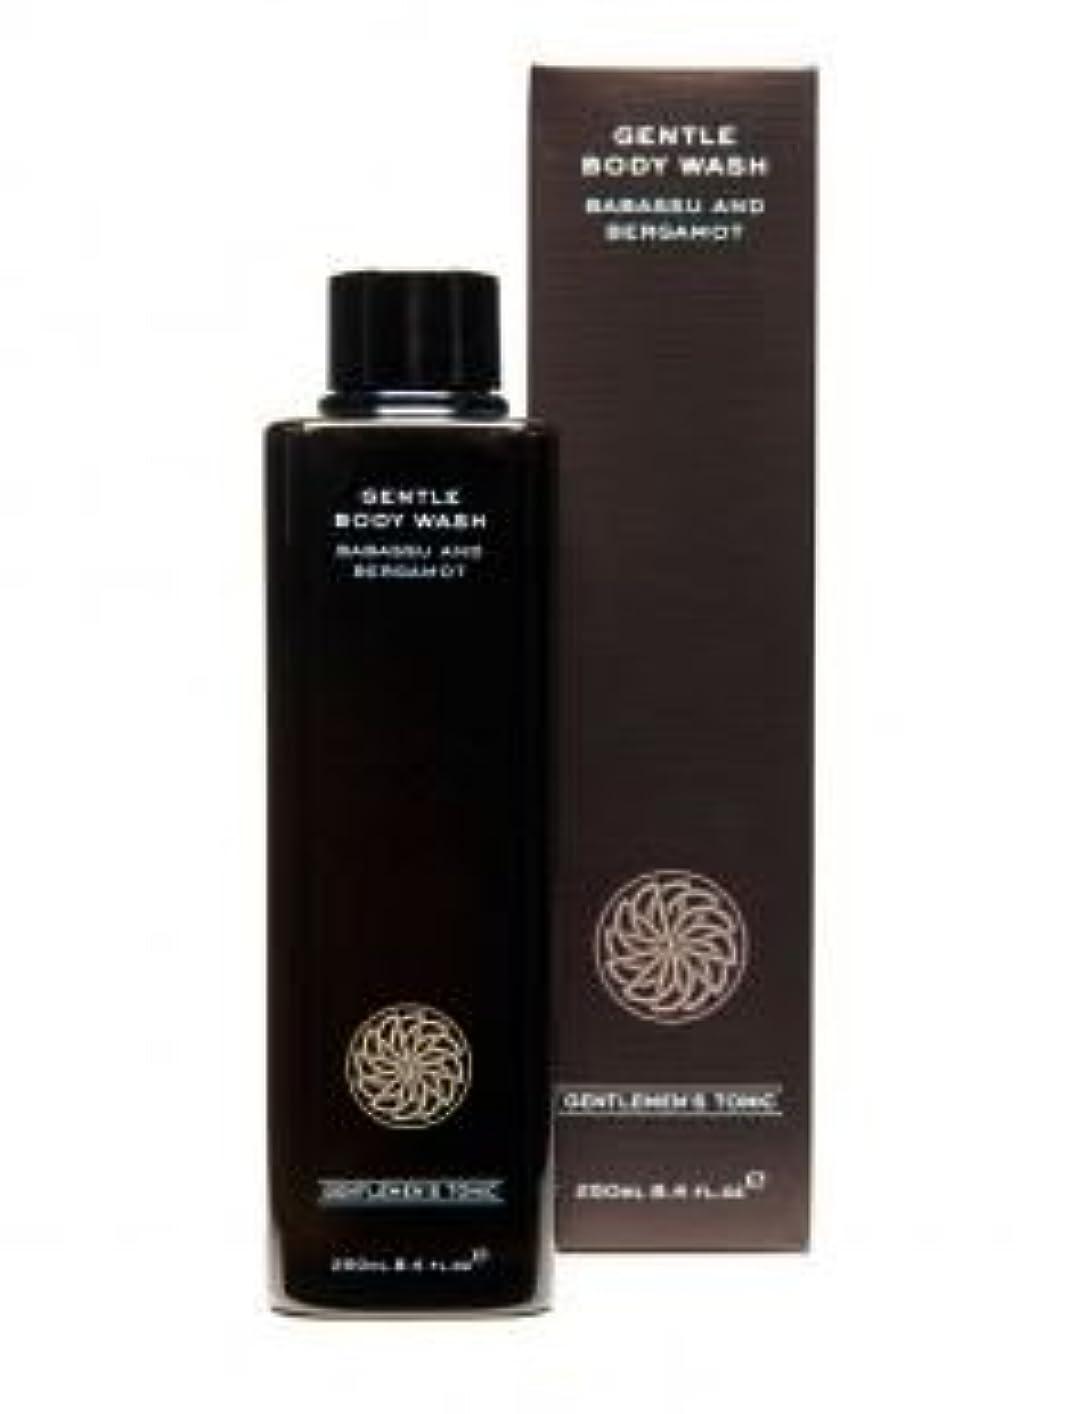 剥離ムスシャーGentlemen's Tonic ジェントルメンズトニック Gentle Body Wash (ジェントルボディウォッシュ) 250ml